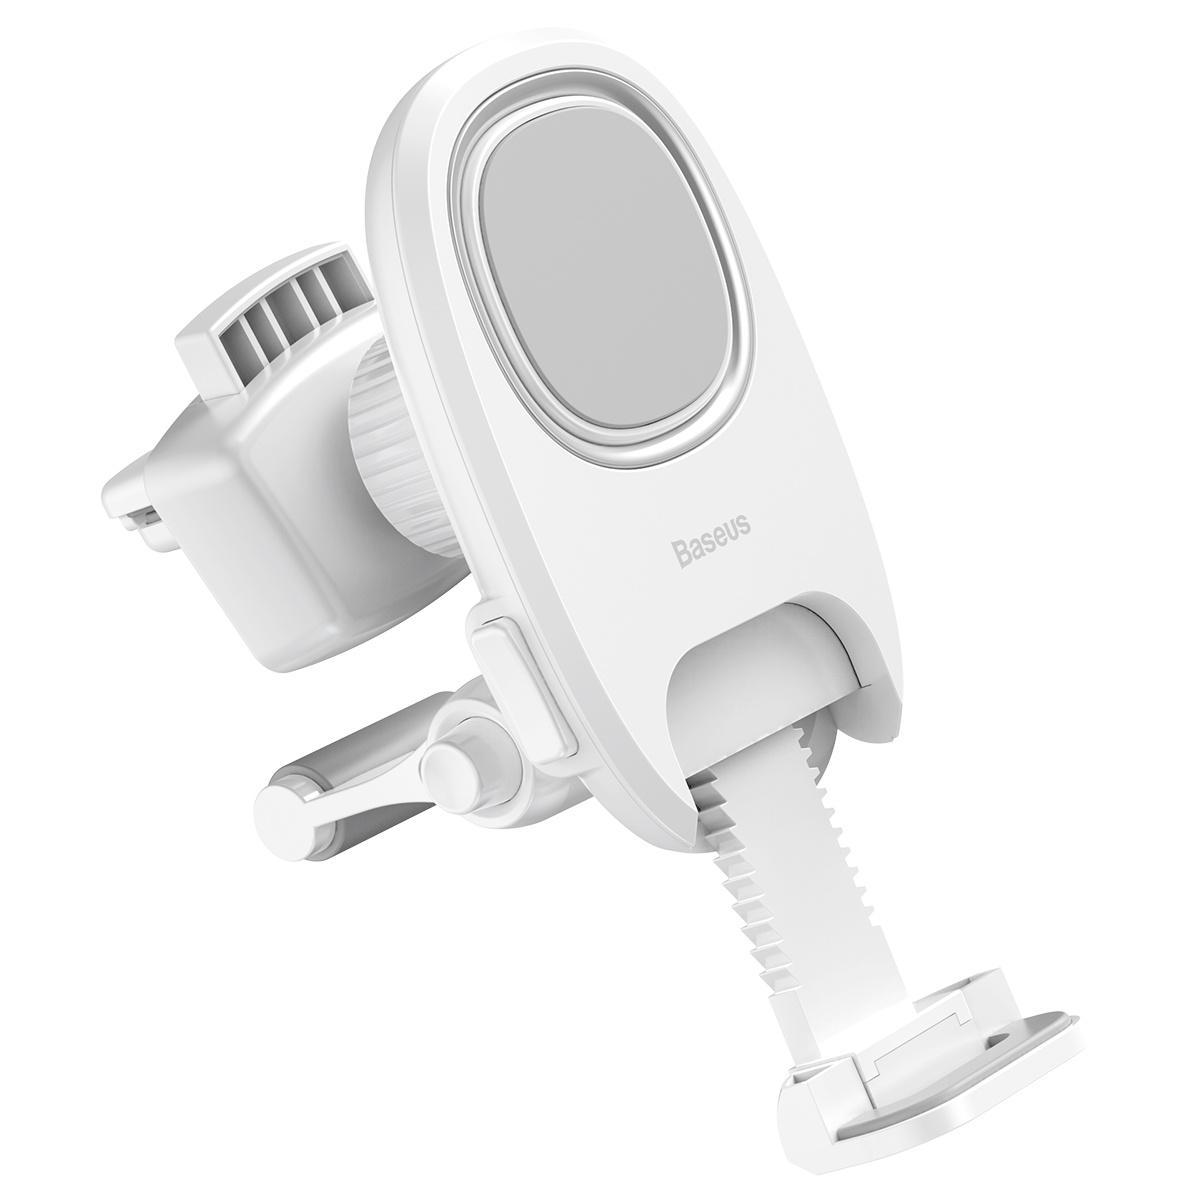 лучшая цена Автомобильный держатель Baseus Xiaochun Magnetic Car Phone Holder SUCH-02 (белый)